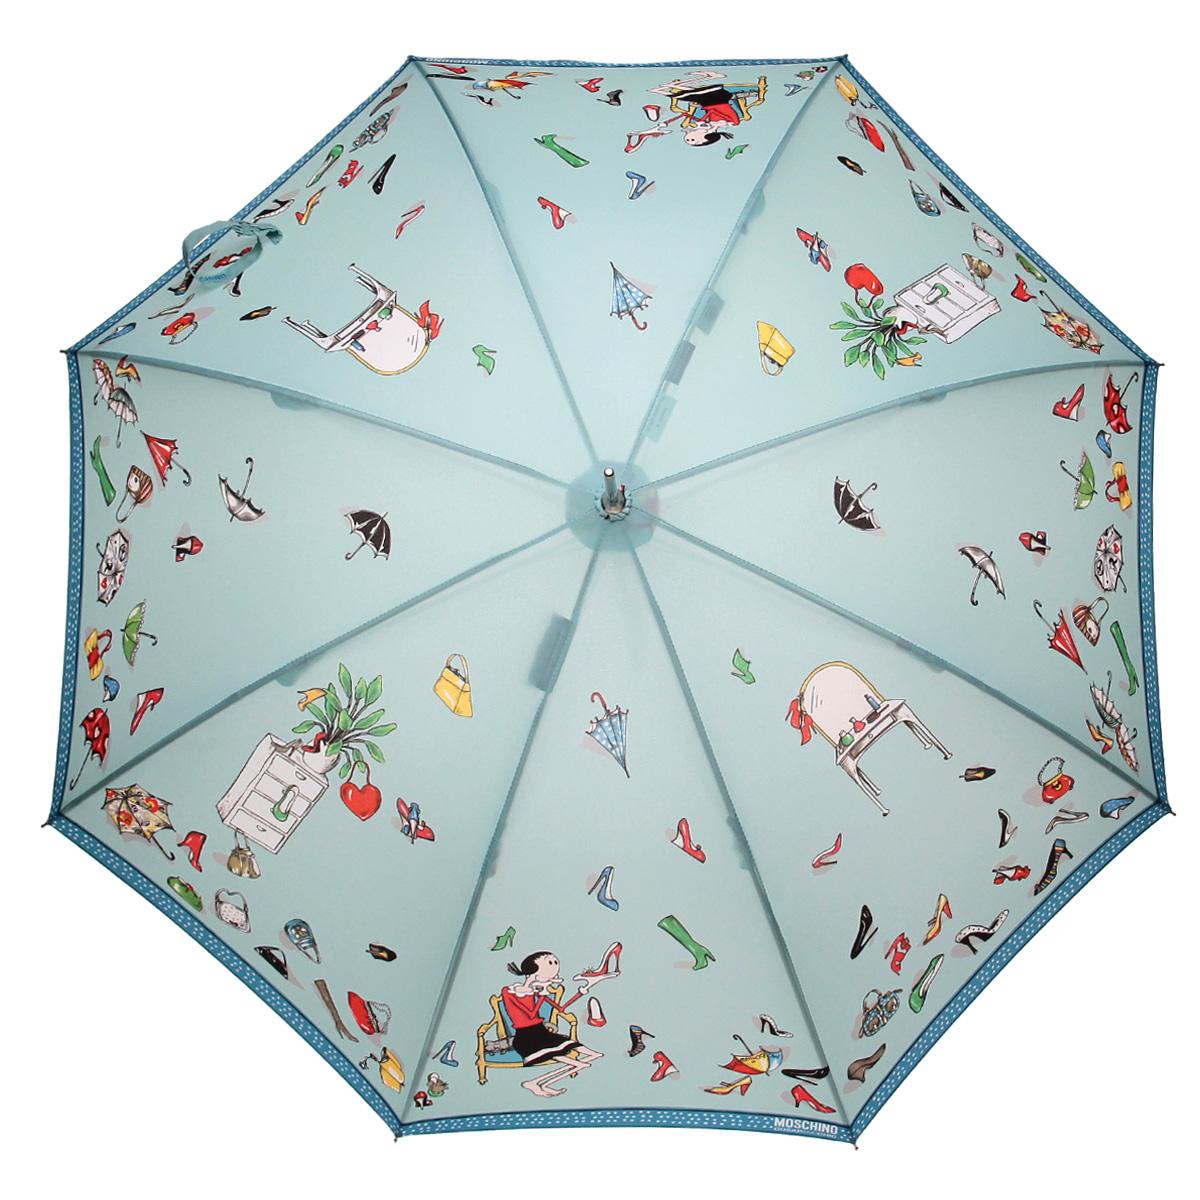 Зонт-трость Moschino, полуавтомат, светло-бирюзовый323-61/PЭлегантный полуавтоматический зонт-трость Moschino даже в ненастную погоду позволит вам подчеркнуть свою индивидуальность. Каркас зонта из стали состоит из восьми карбоновых спиц, а рукоятка закругленной формы разработана с учетом требований эргономики и выполнена из легкого алюминия. Зонт имеет полуавтоматический механизм сложения: купол открывается нажатием кнопки на рукоятке, а закрывается вручную до характерного щелчка. Купол зонта выполнен из прочного полиэстера и оформлен оригинальным изображением. Закрытый купол фиксируется хлястиком на кнопке. К зонту прилагается чехол для хранения и более удобной переноски. Такой зонт не только надежно защитит вас от дождя, но и станет стильным аксессуаром.